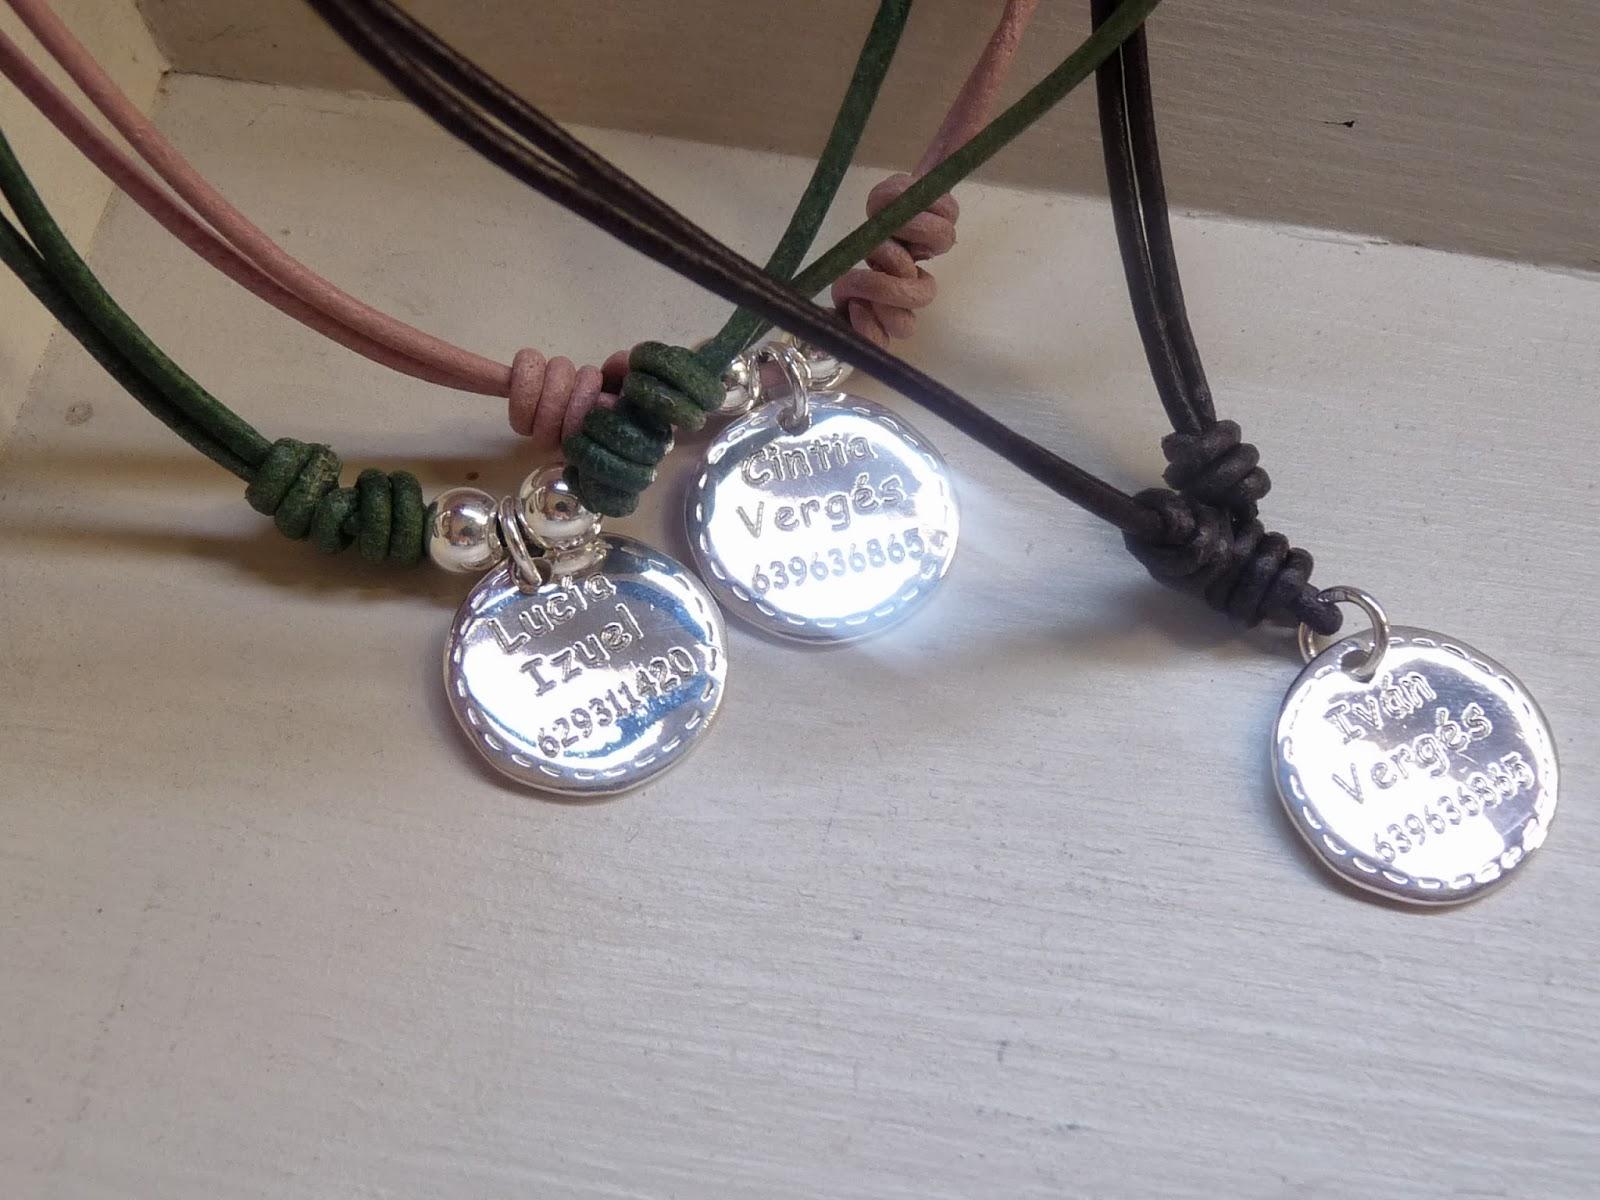 Miss medallas nuestros collares cuero el sticos plata - Collares de cuero ...